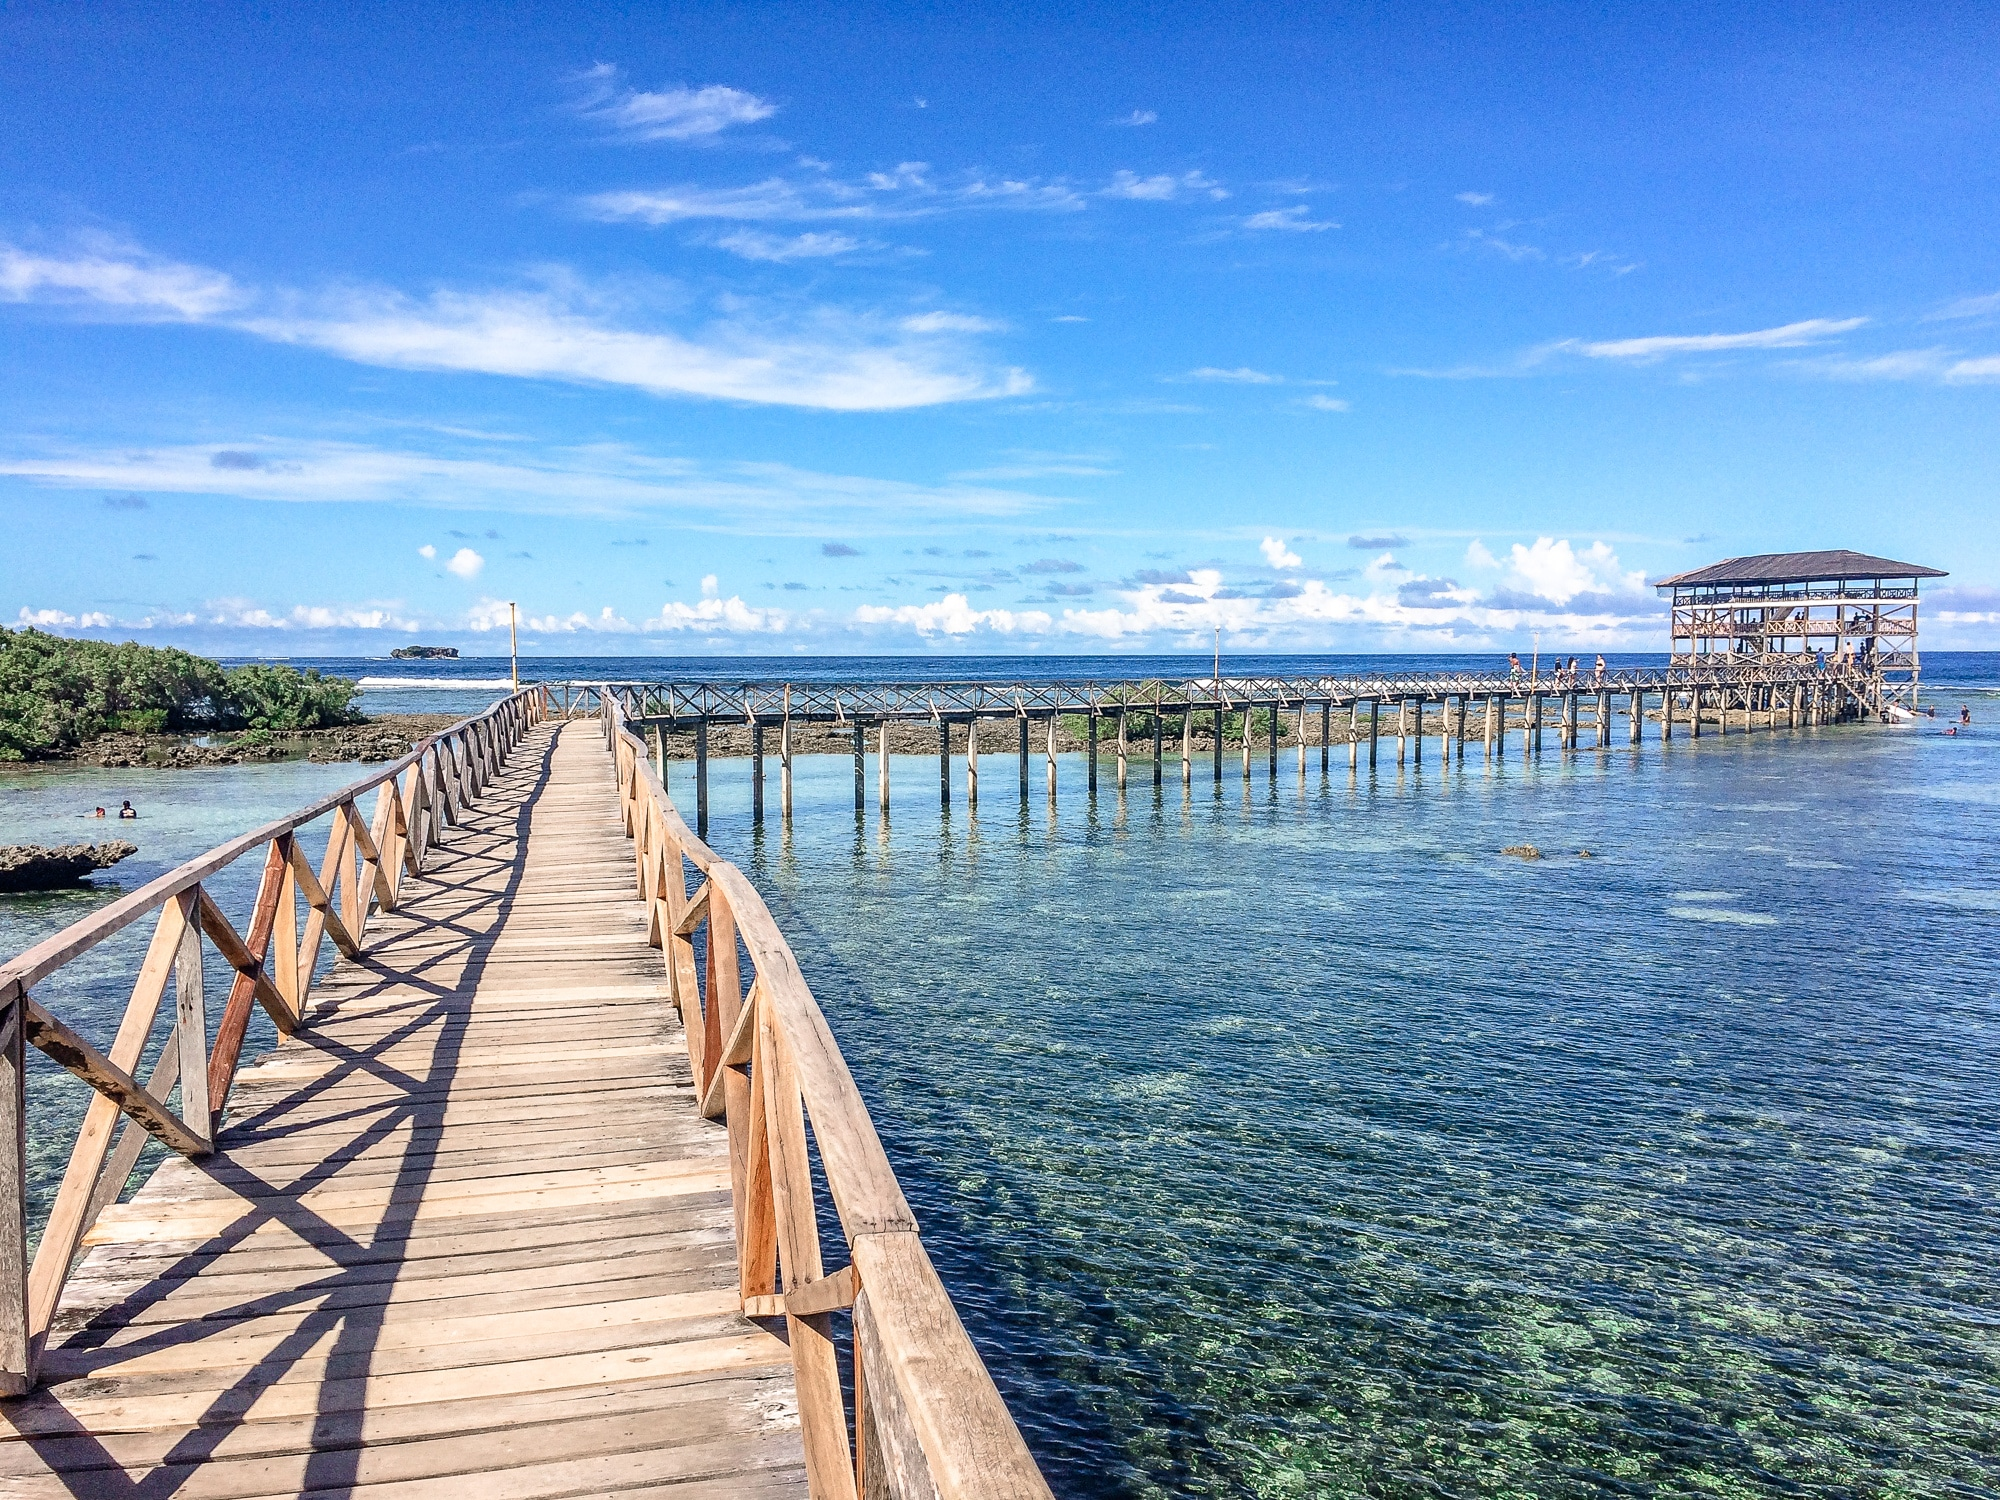 Insel Siargao auf den Philippinen: Aktivitäten und Sehenswürdigkeiten